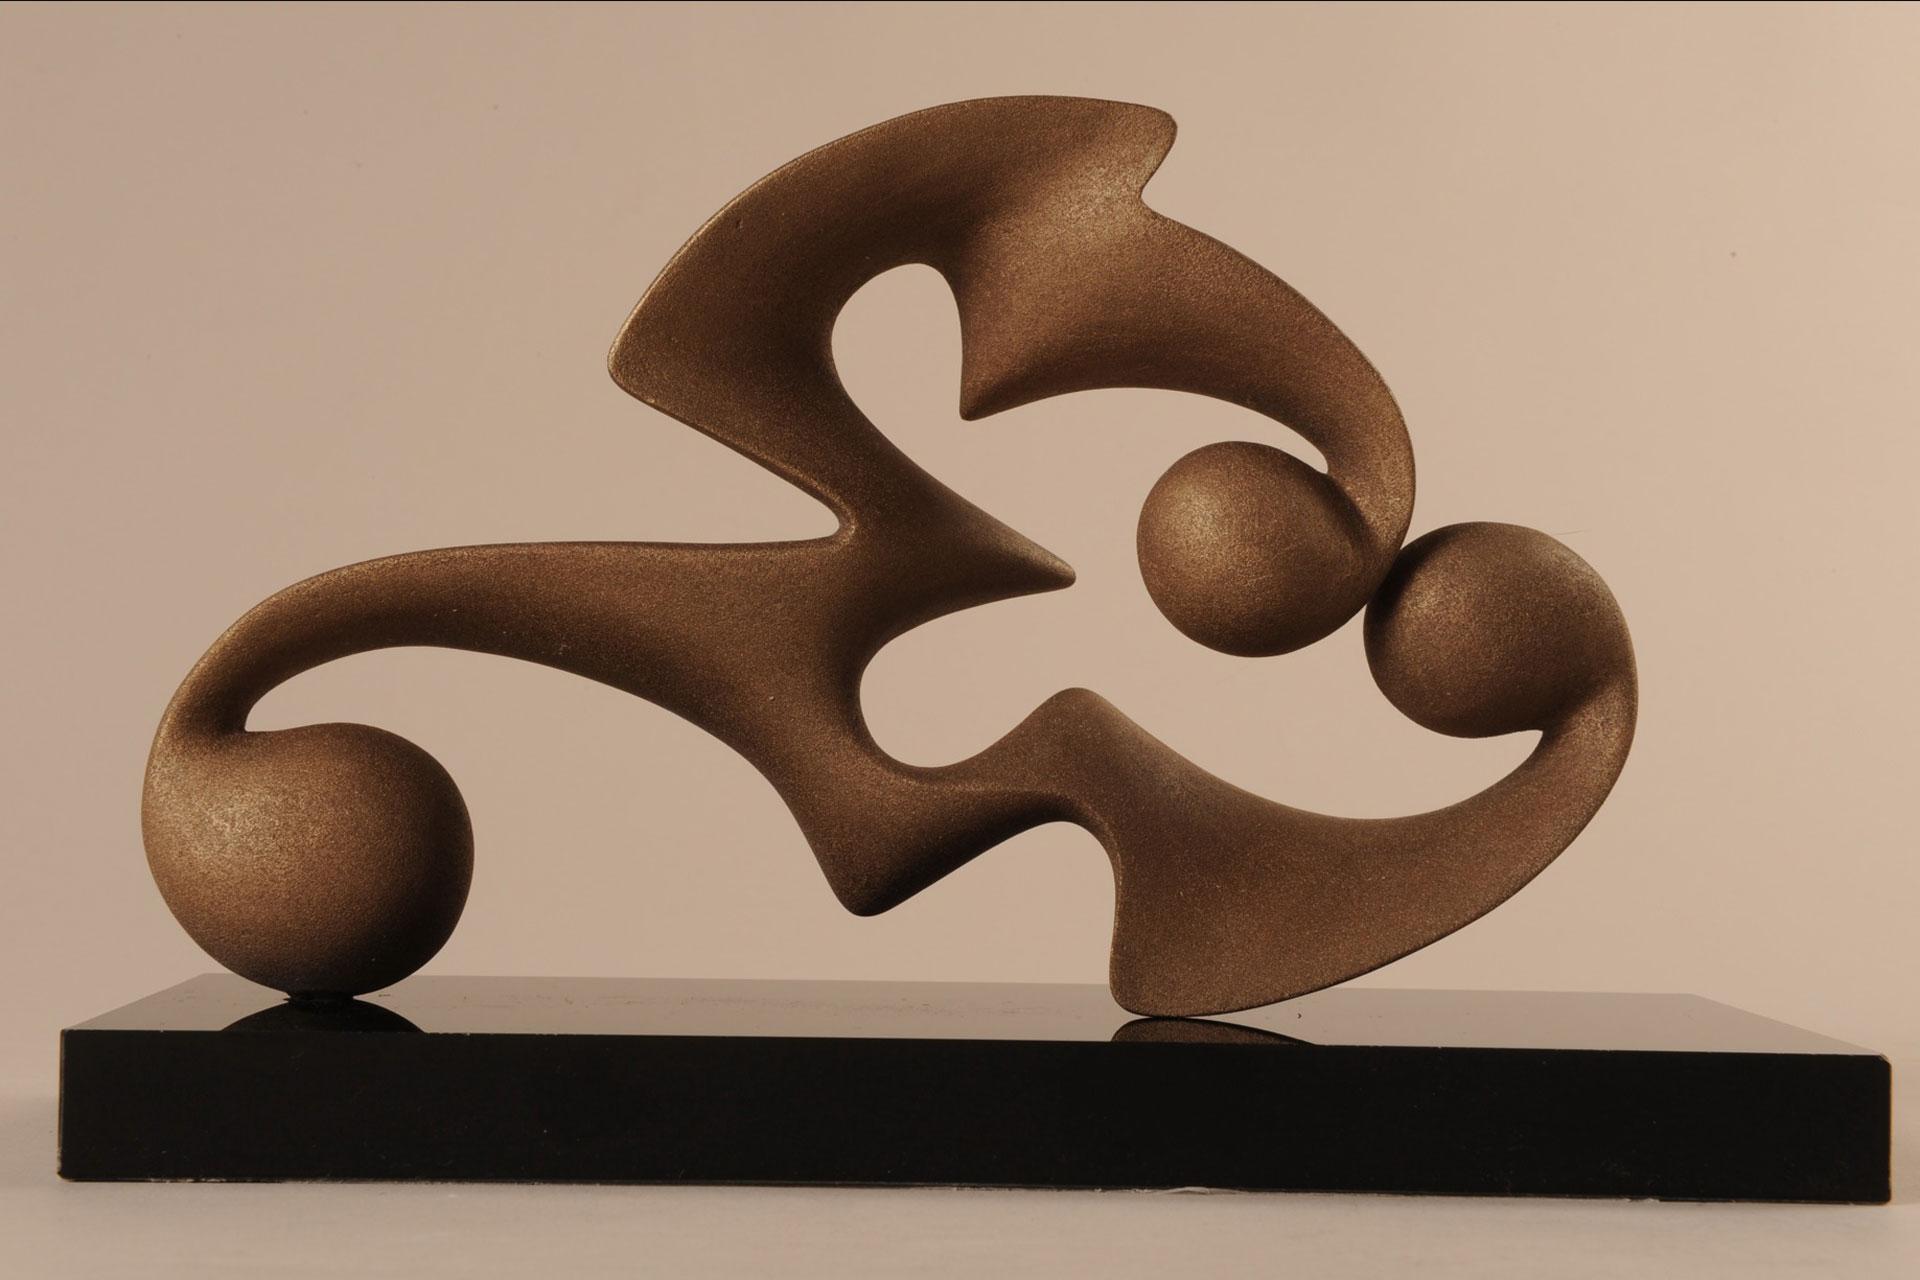 Disgiunto Svettante (Maquette per Elemento Plastico) , 2009 - Resina termoassemblata dipinta, cm 17x24x10